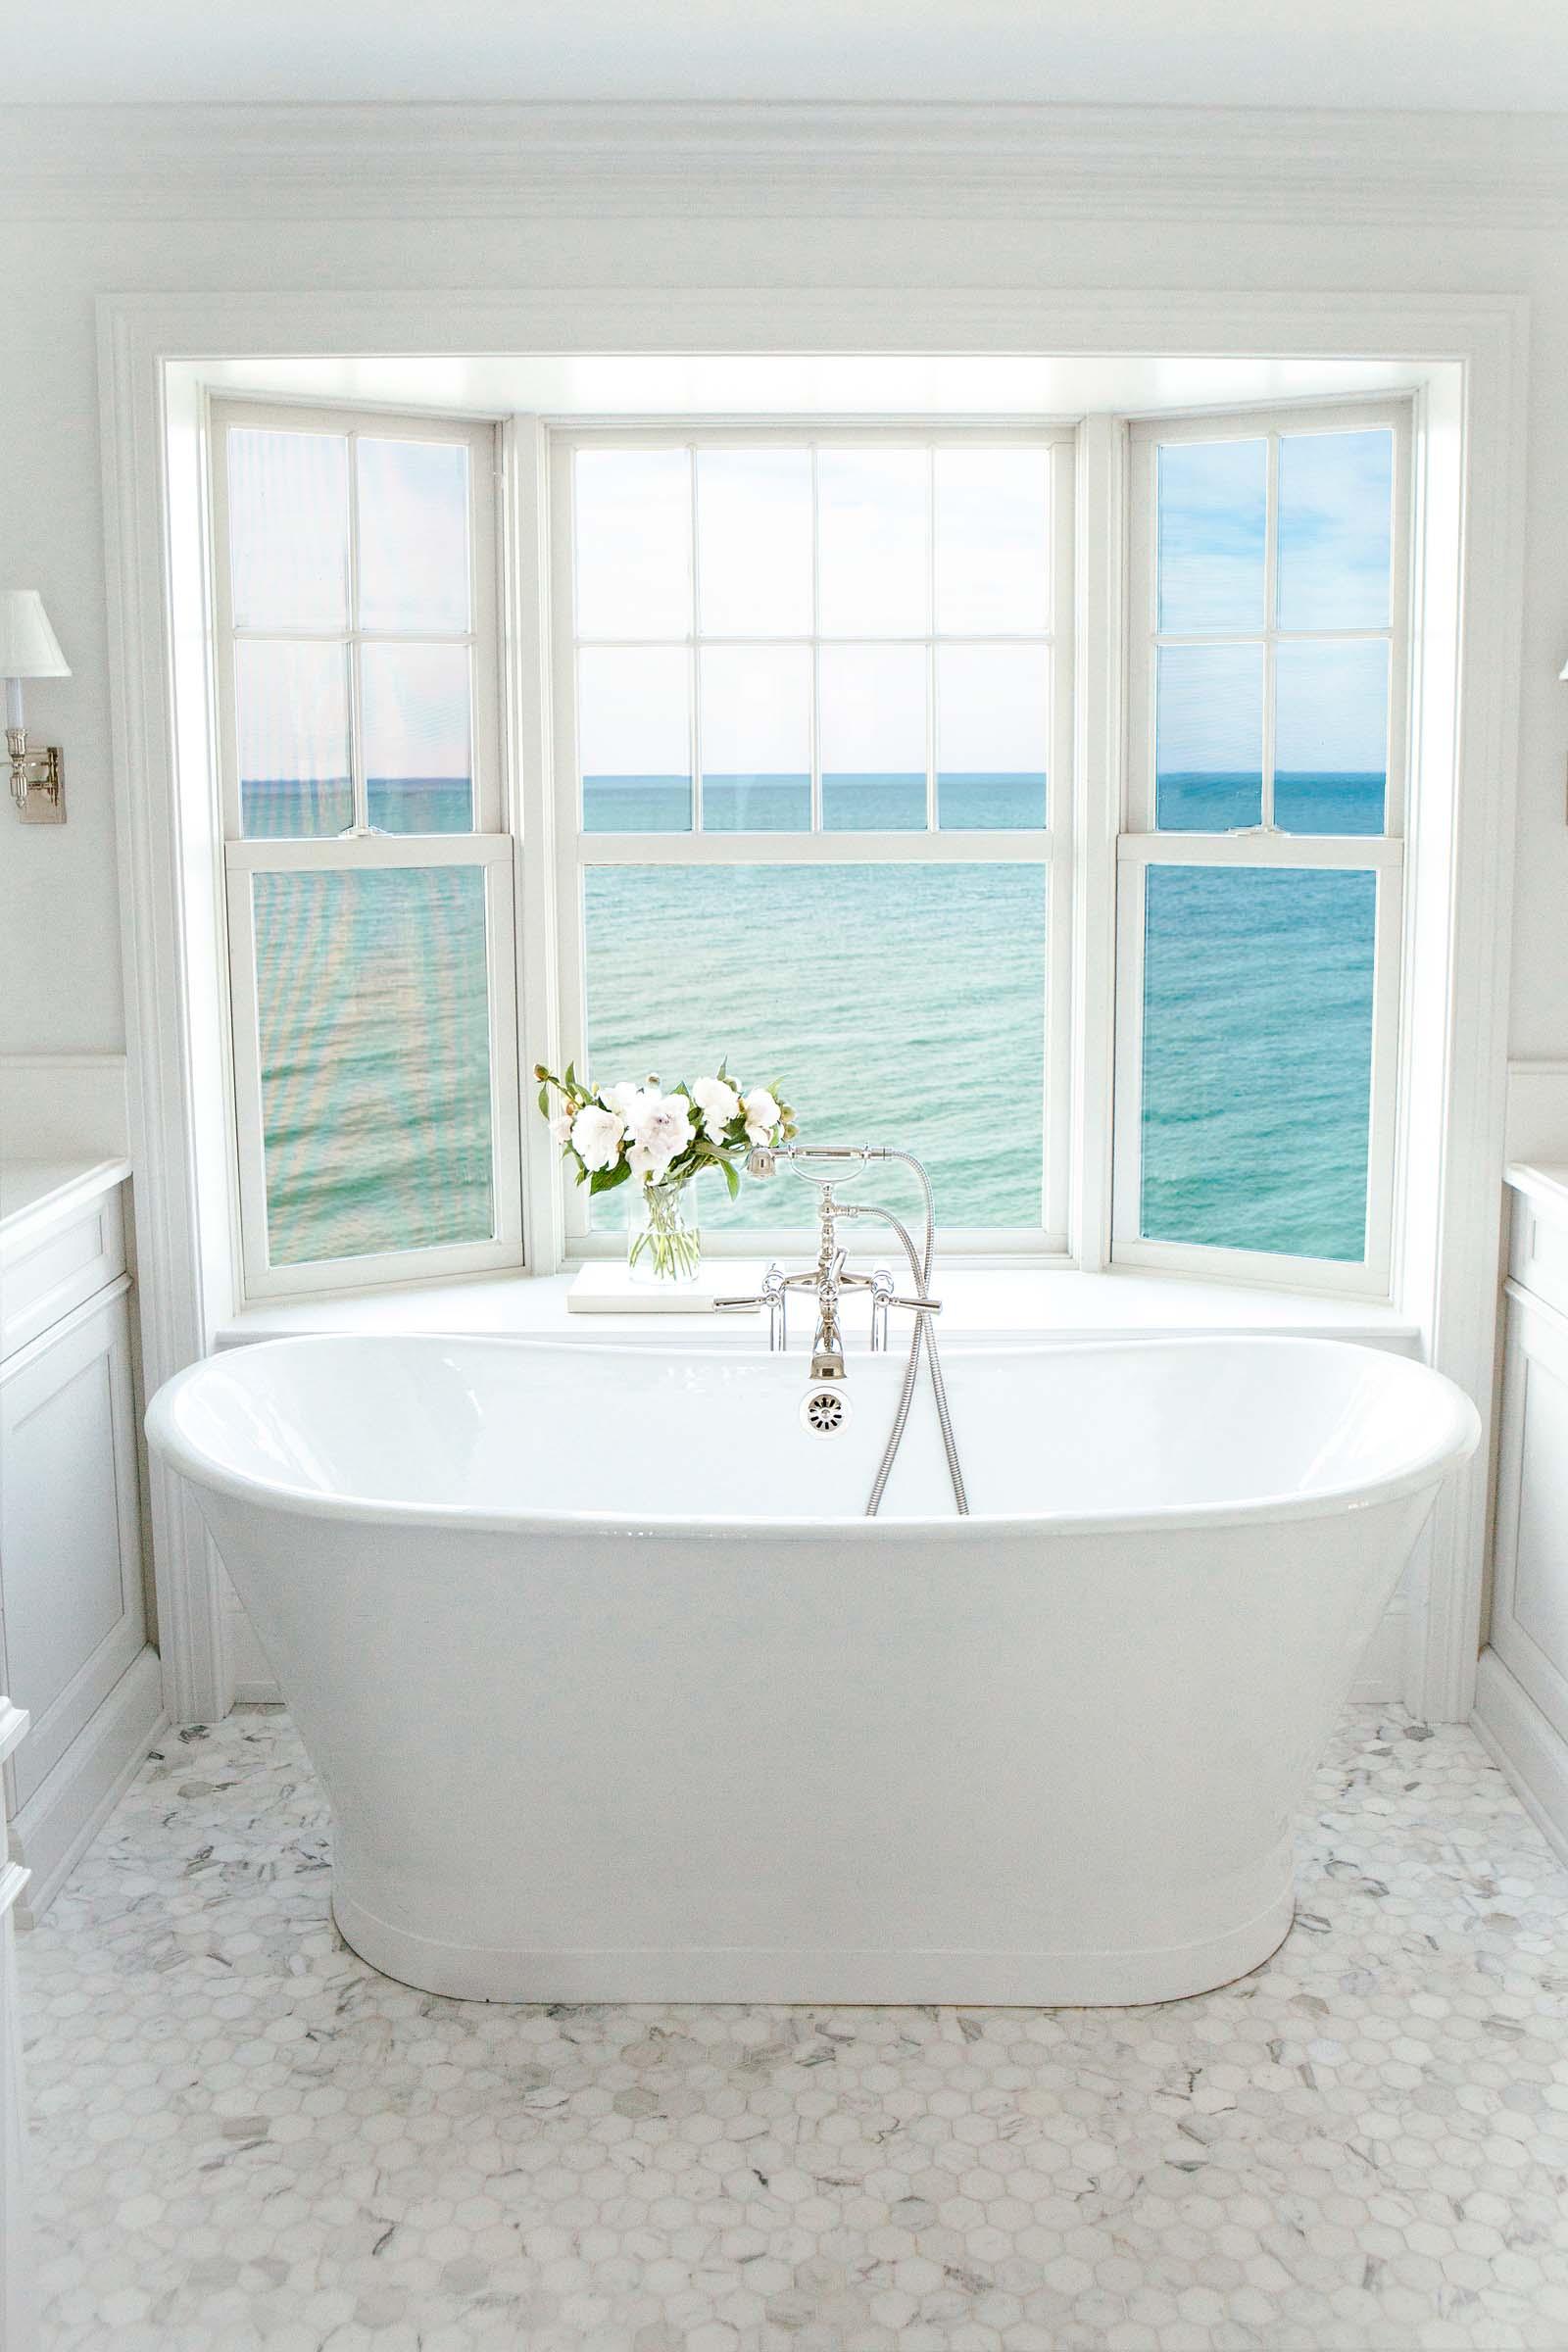 Leo_Designs_Chicago_interior_design_grand_haven_beach_refuge25.jpg